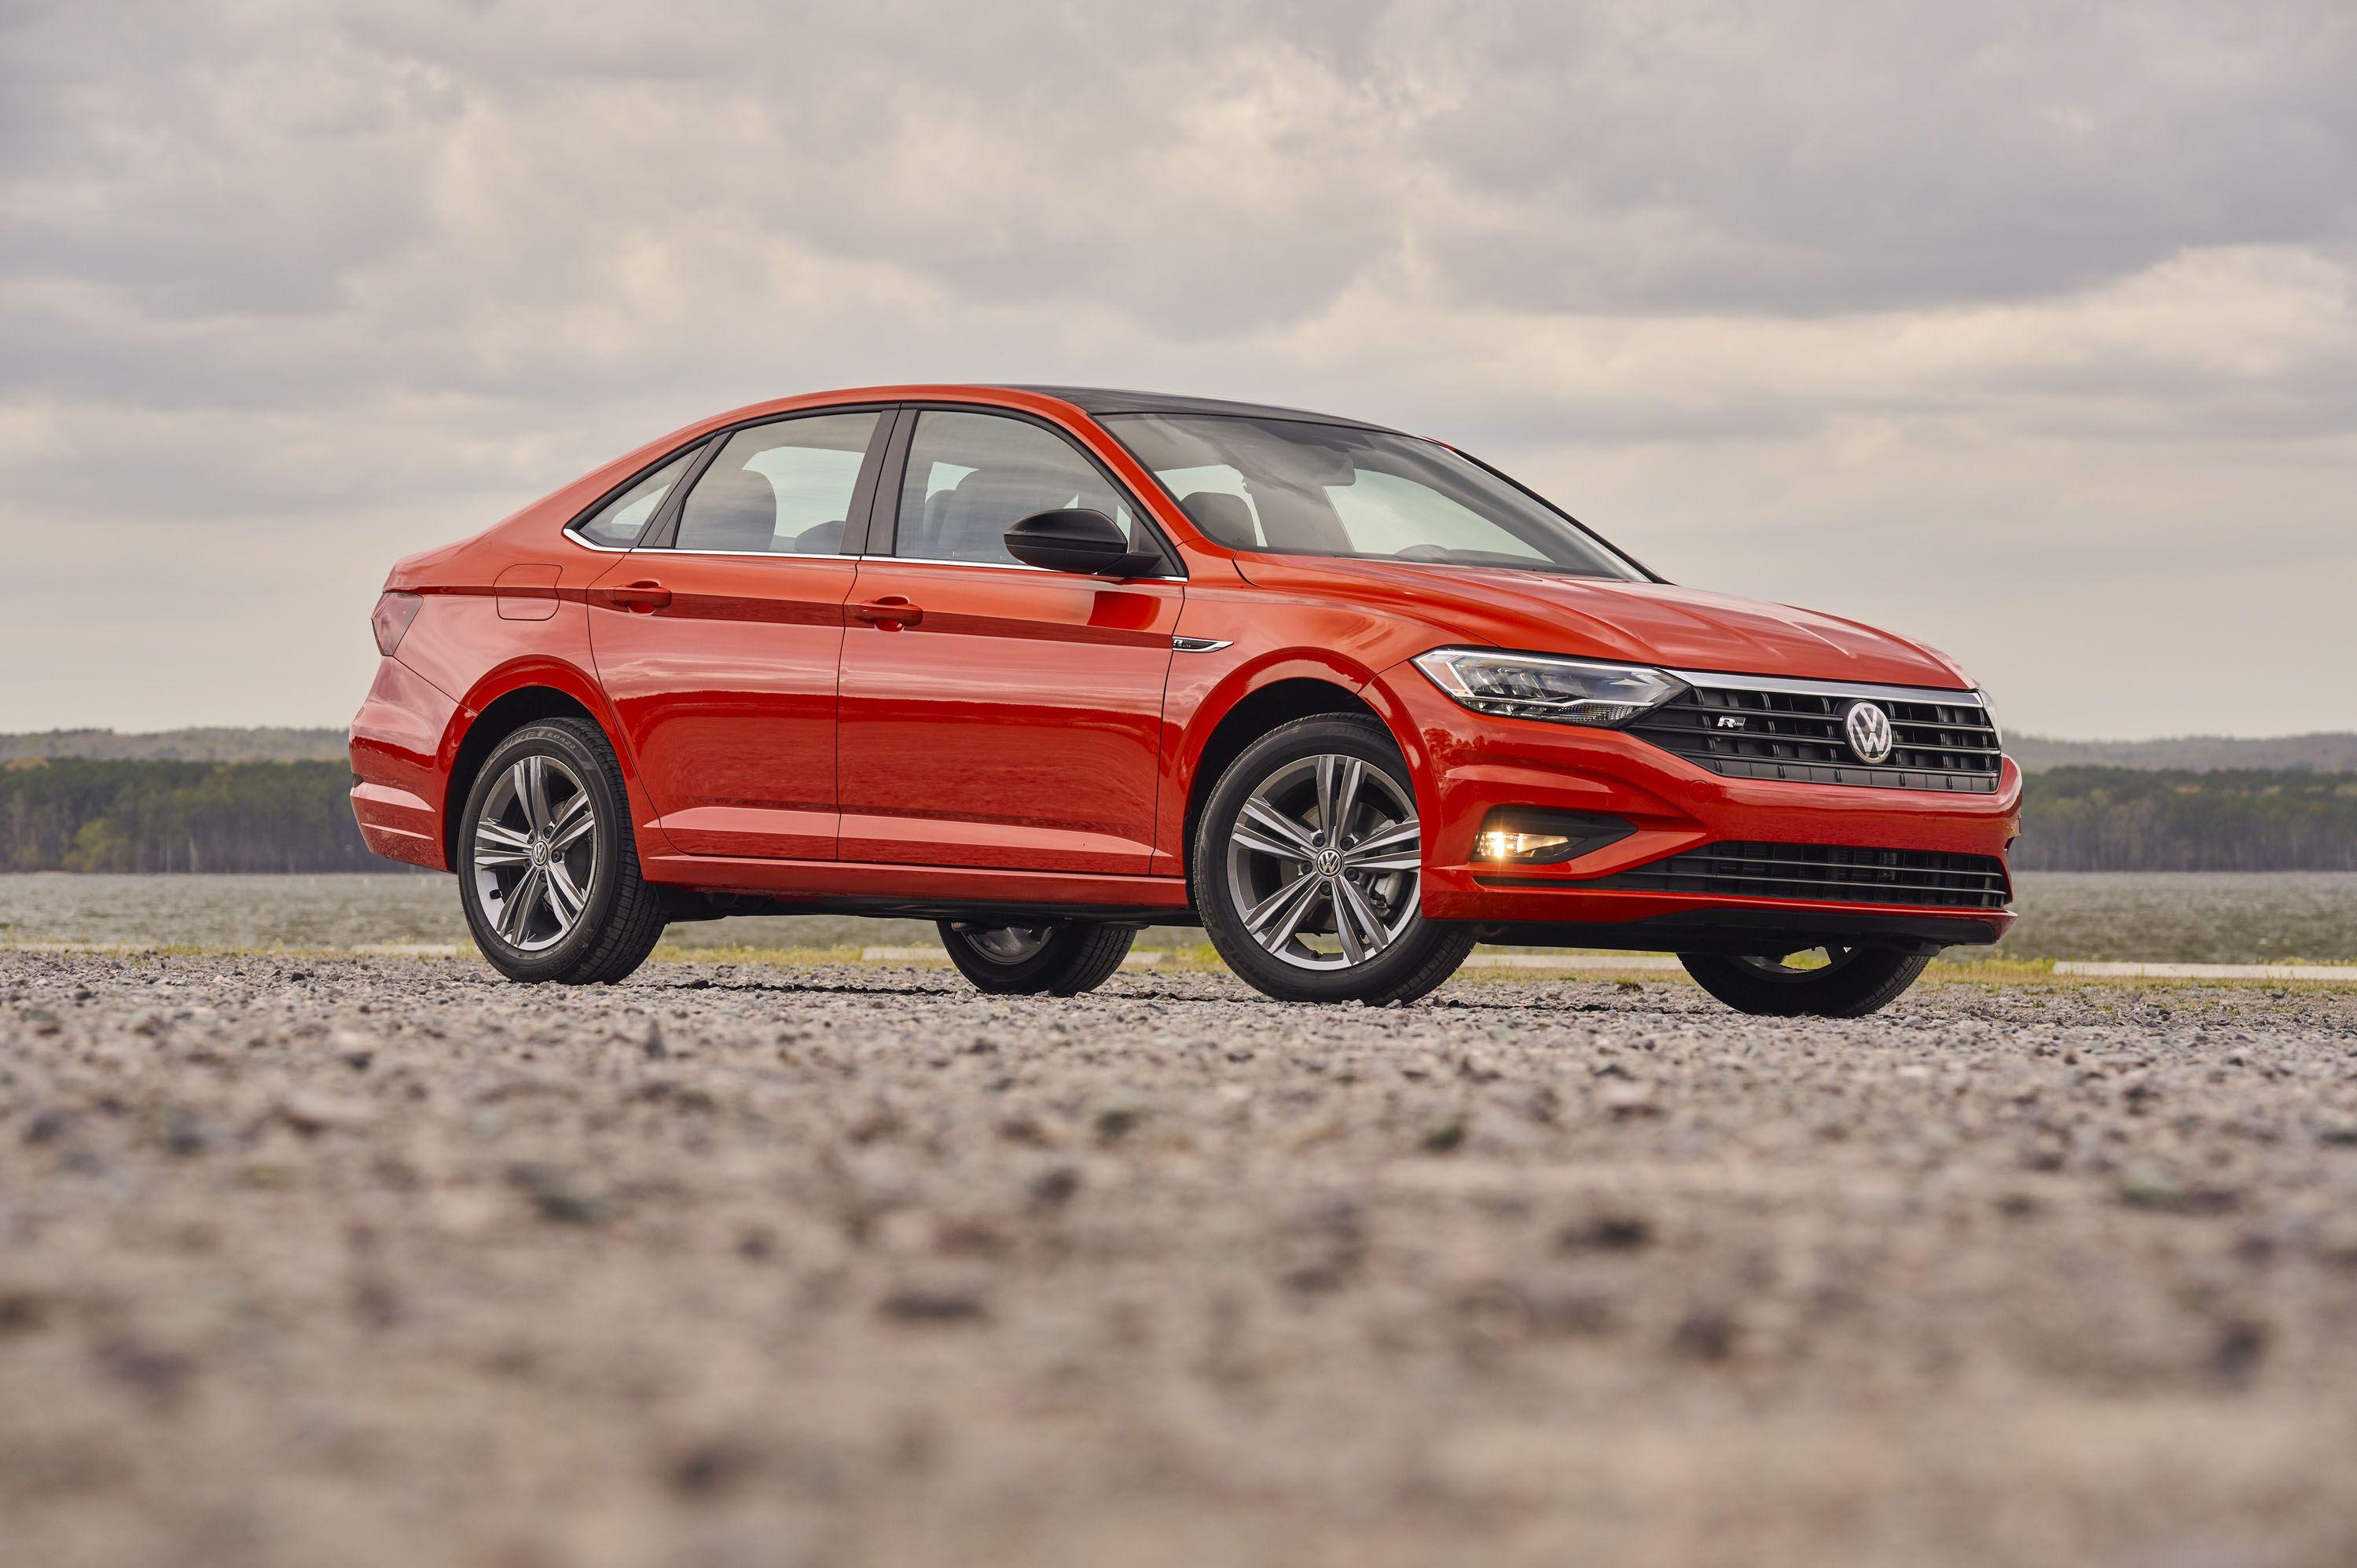 Volkswagen Jetta Fuel Economy Canada In 2020 Volkswagen Jetta Vw Jetta Tdi Volkswagen